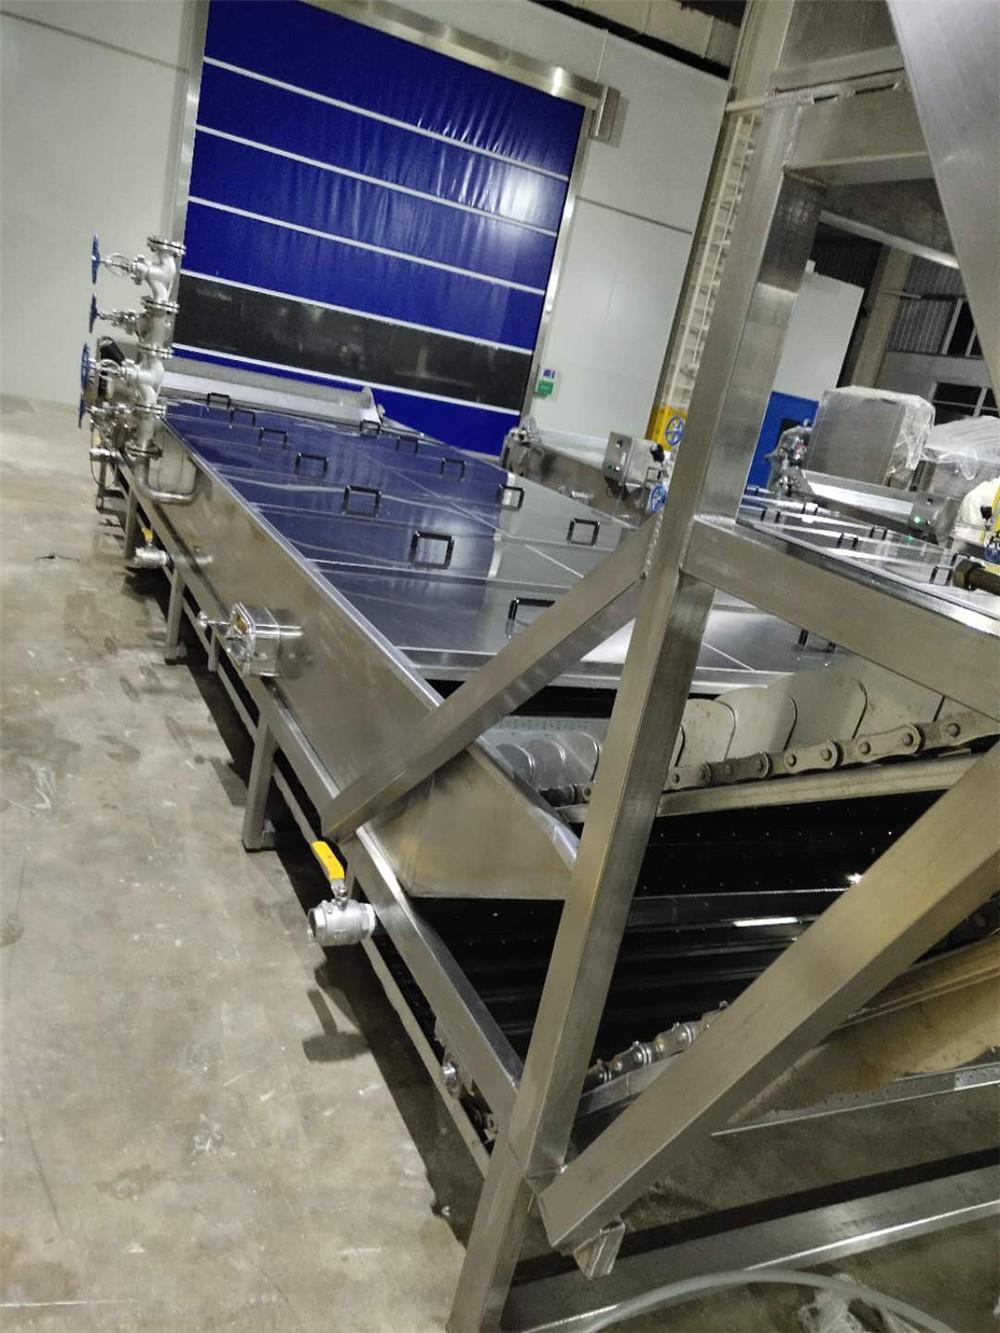 致极厂家直销巴氏水浴式杀菌机 ZJ0100果酱巴氏杀菌线 袋装牛奶饮料酱菜巴氏杀菌机 可定制现货销售